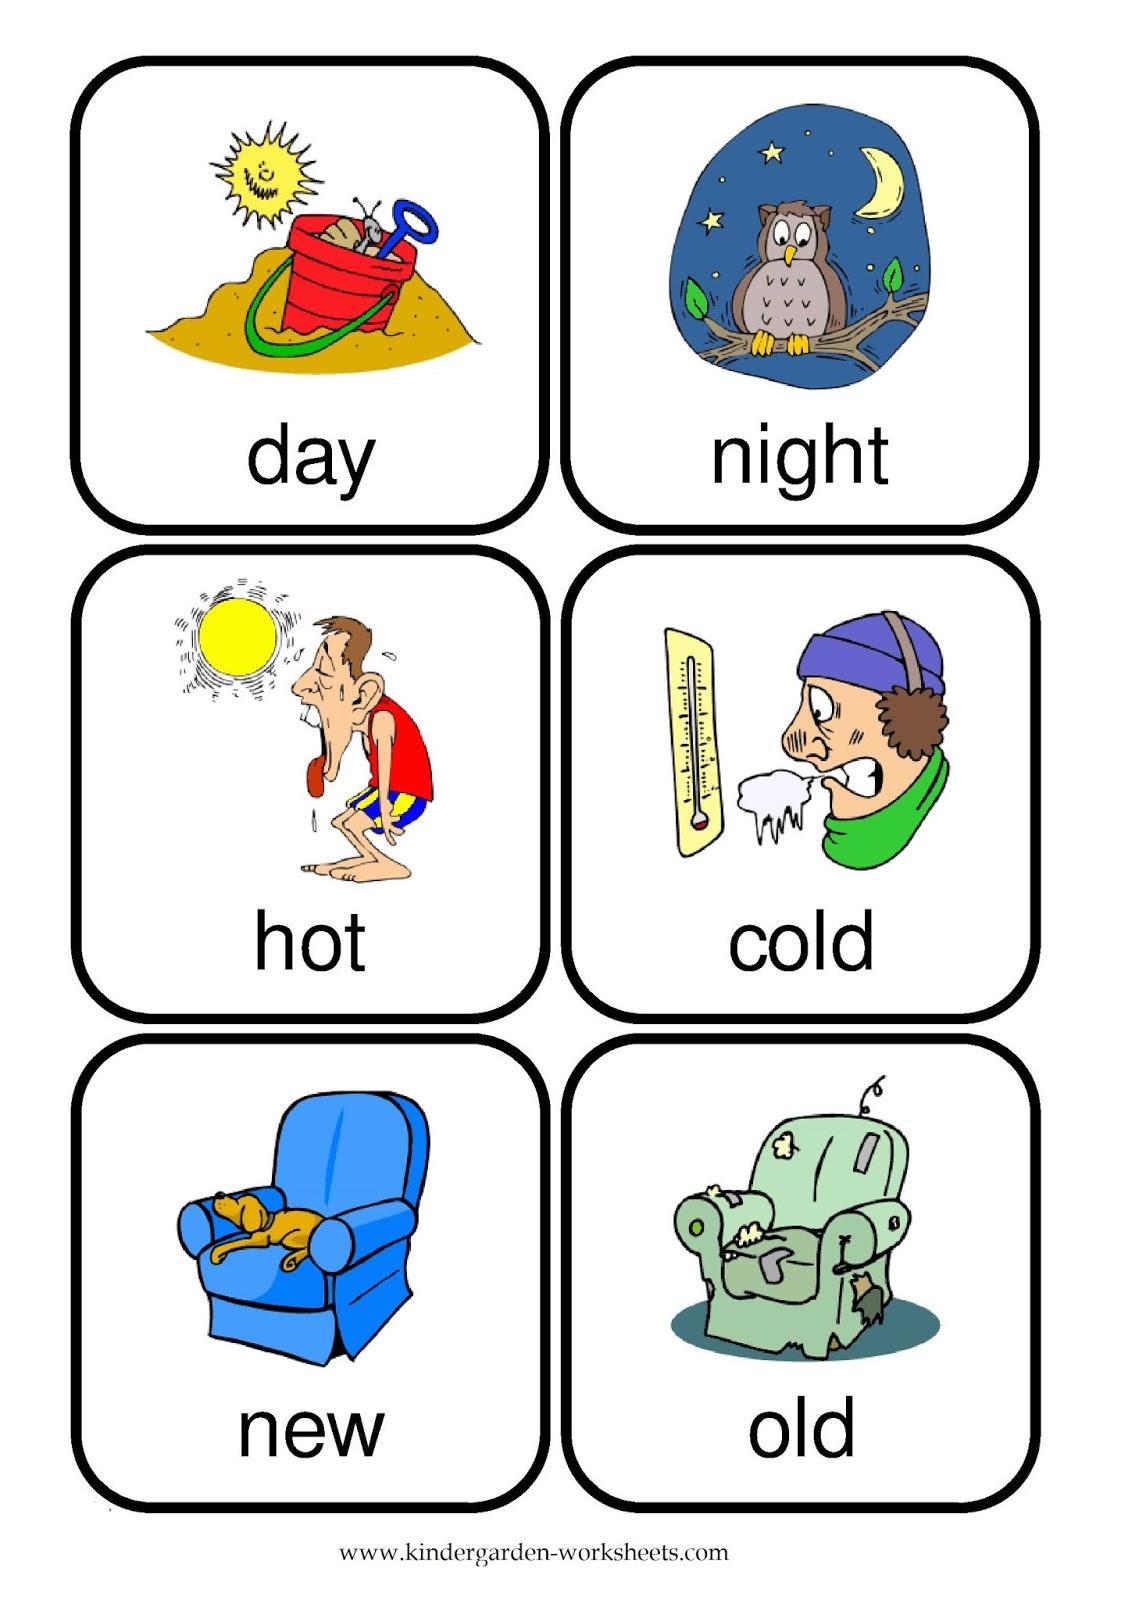 Worksheet 604780 Opposite Words Worksheets for Kindergarten – Hot and Cold Worksheets for Kindergarten